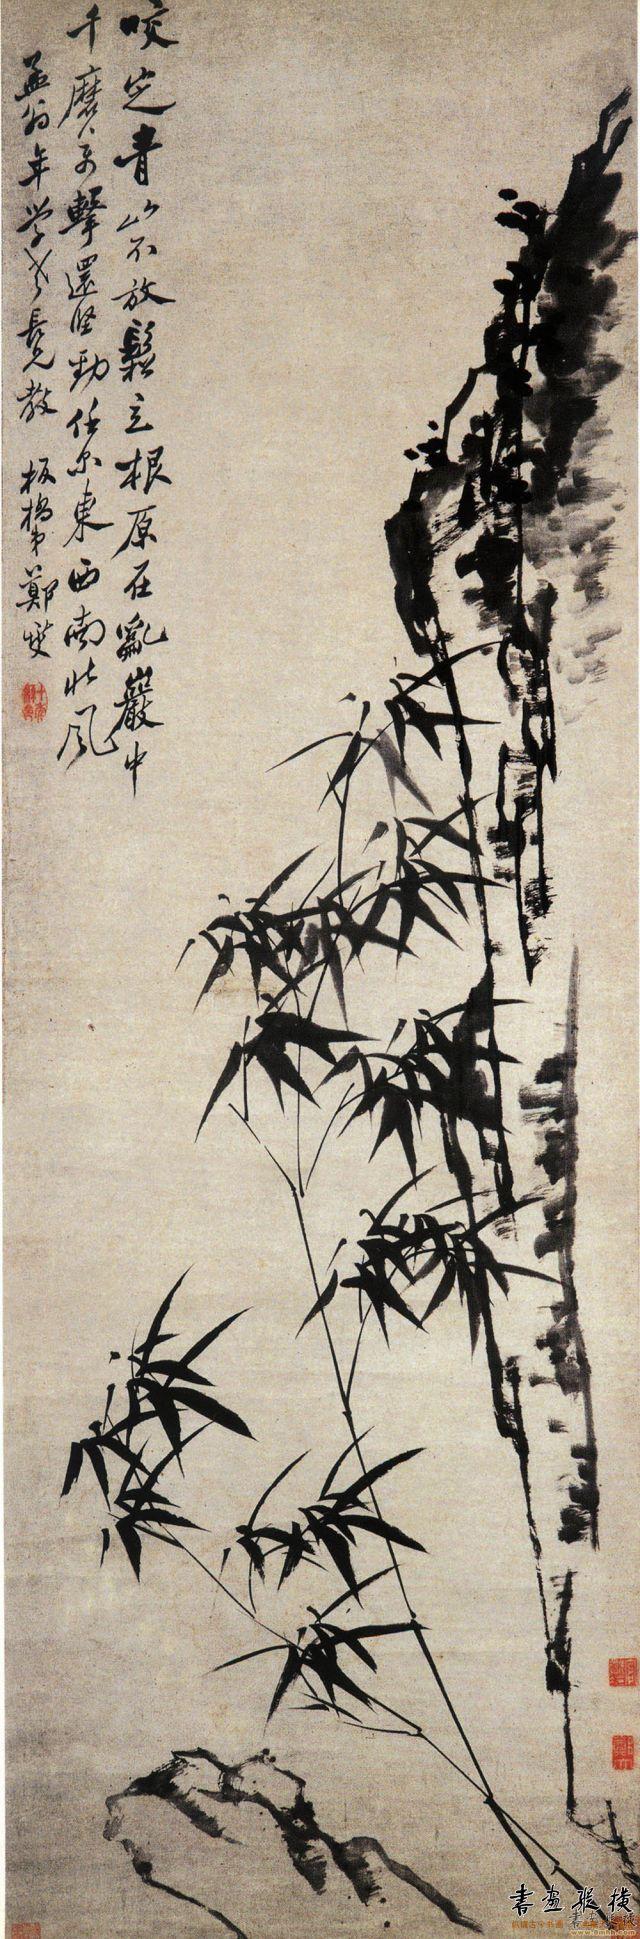 清 郑燮 竹石图轴 纸本水墨 纵51.4厘米 横160厘米 南京博物院藏